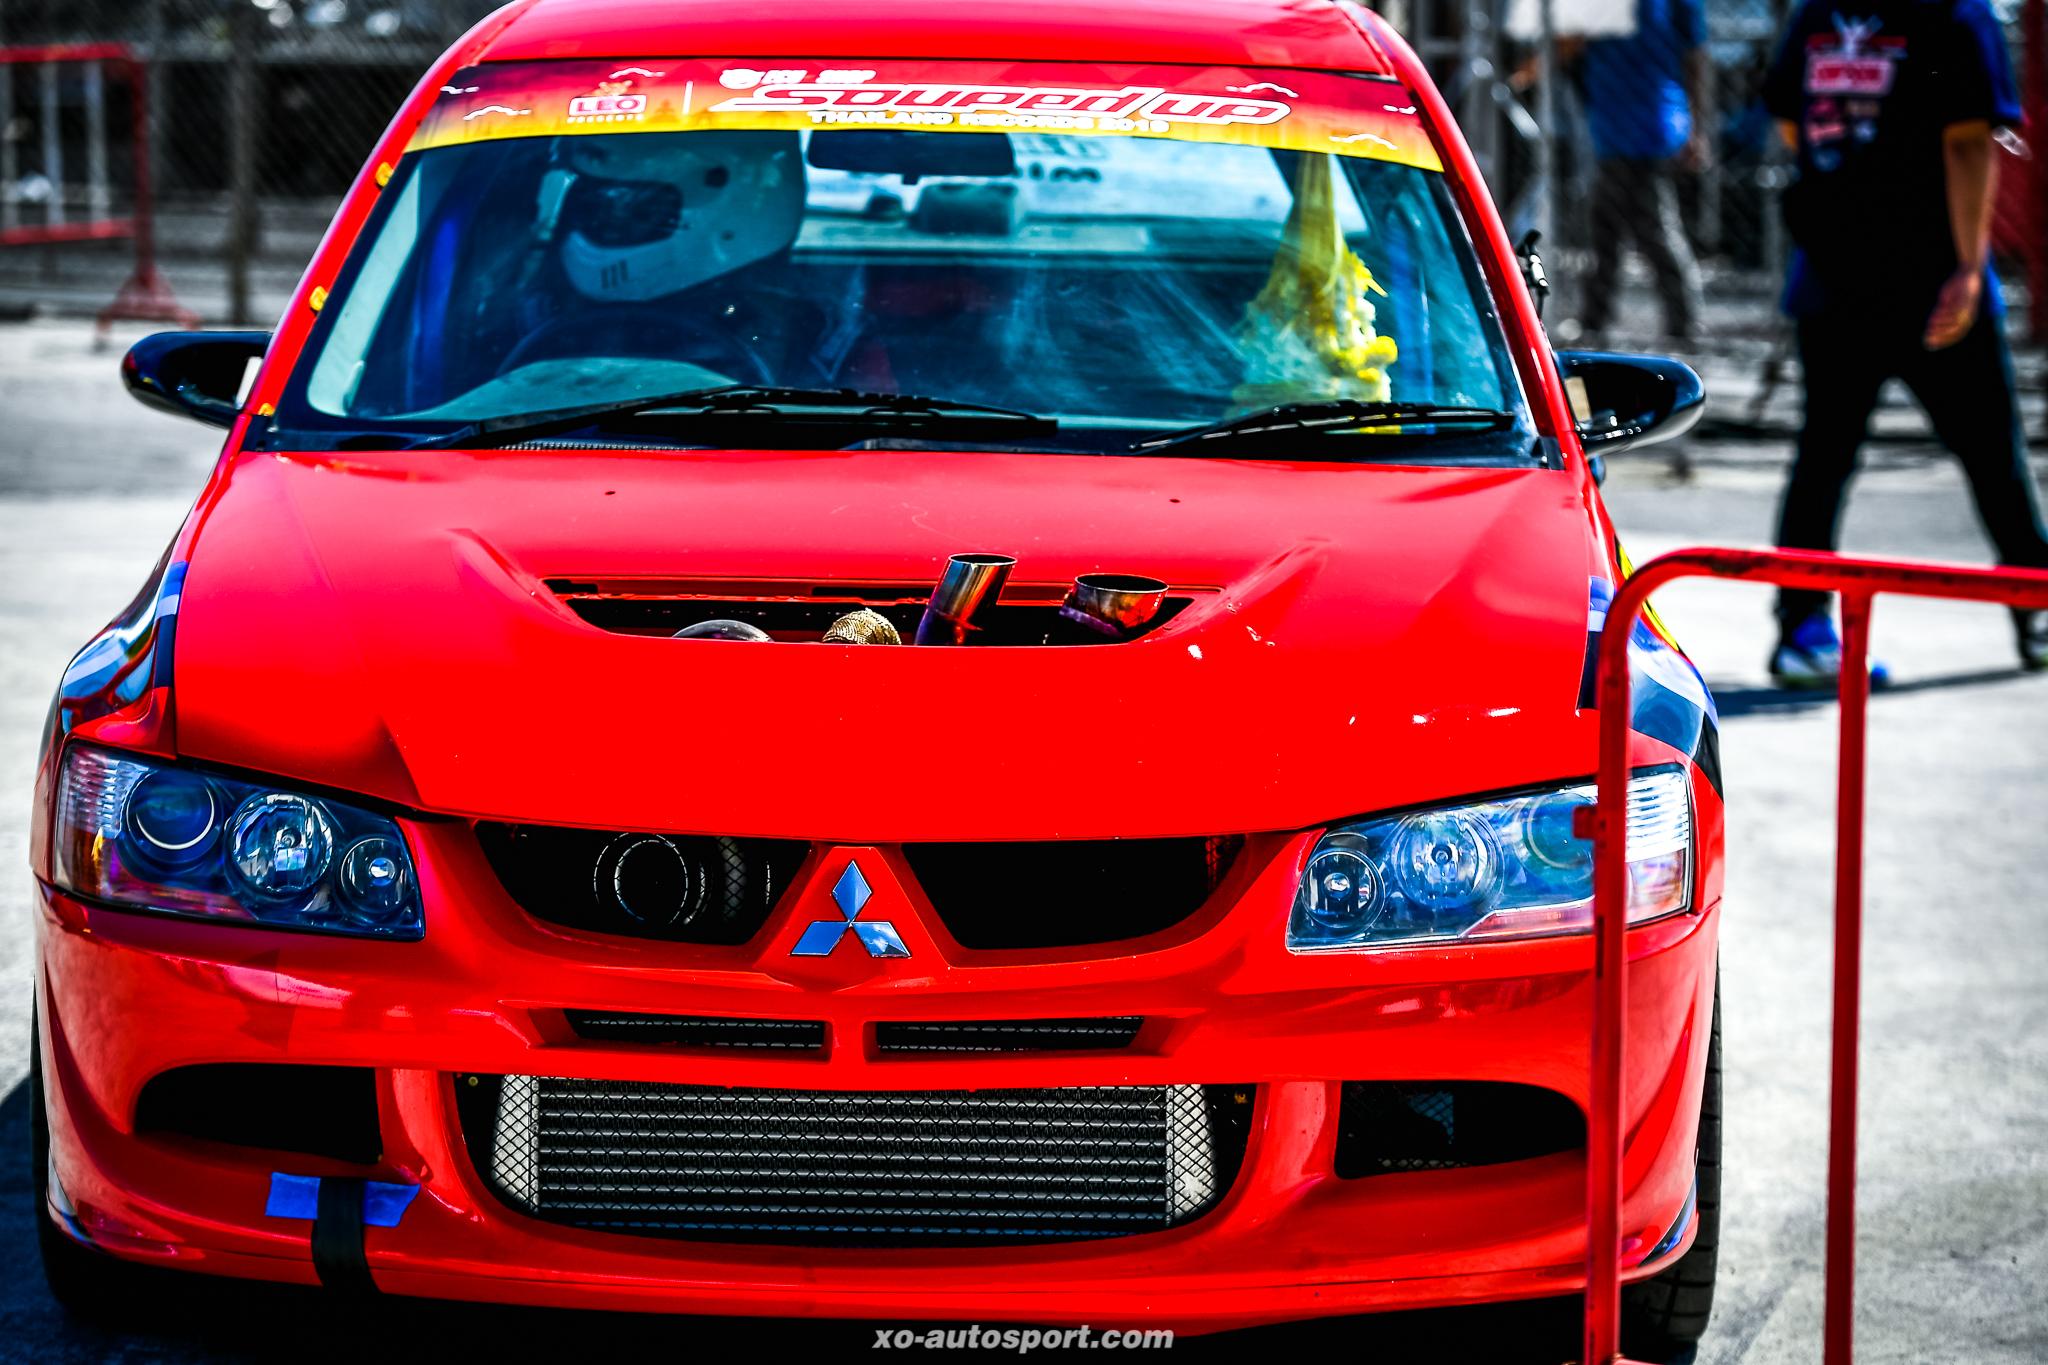 Super 4 4WD Champion 02